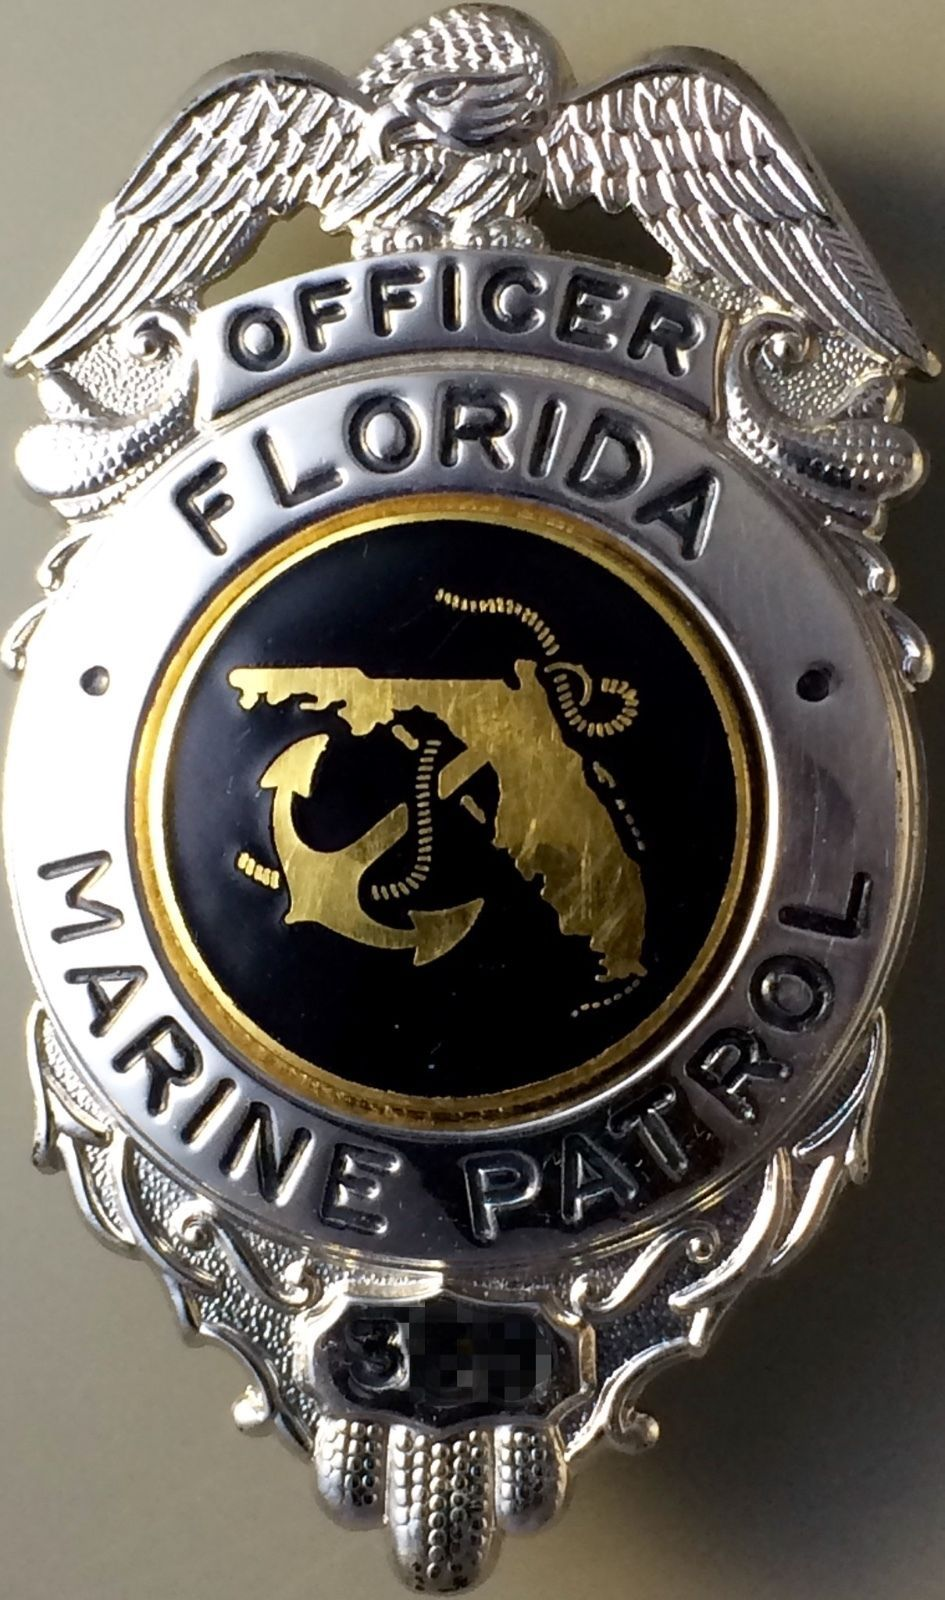 Police cap badges ga rel hat badges page 1 garel - Officer Florida Marine Patrol Blackinton Police Badgespolice